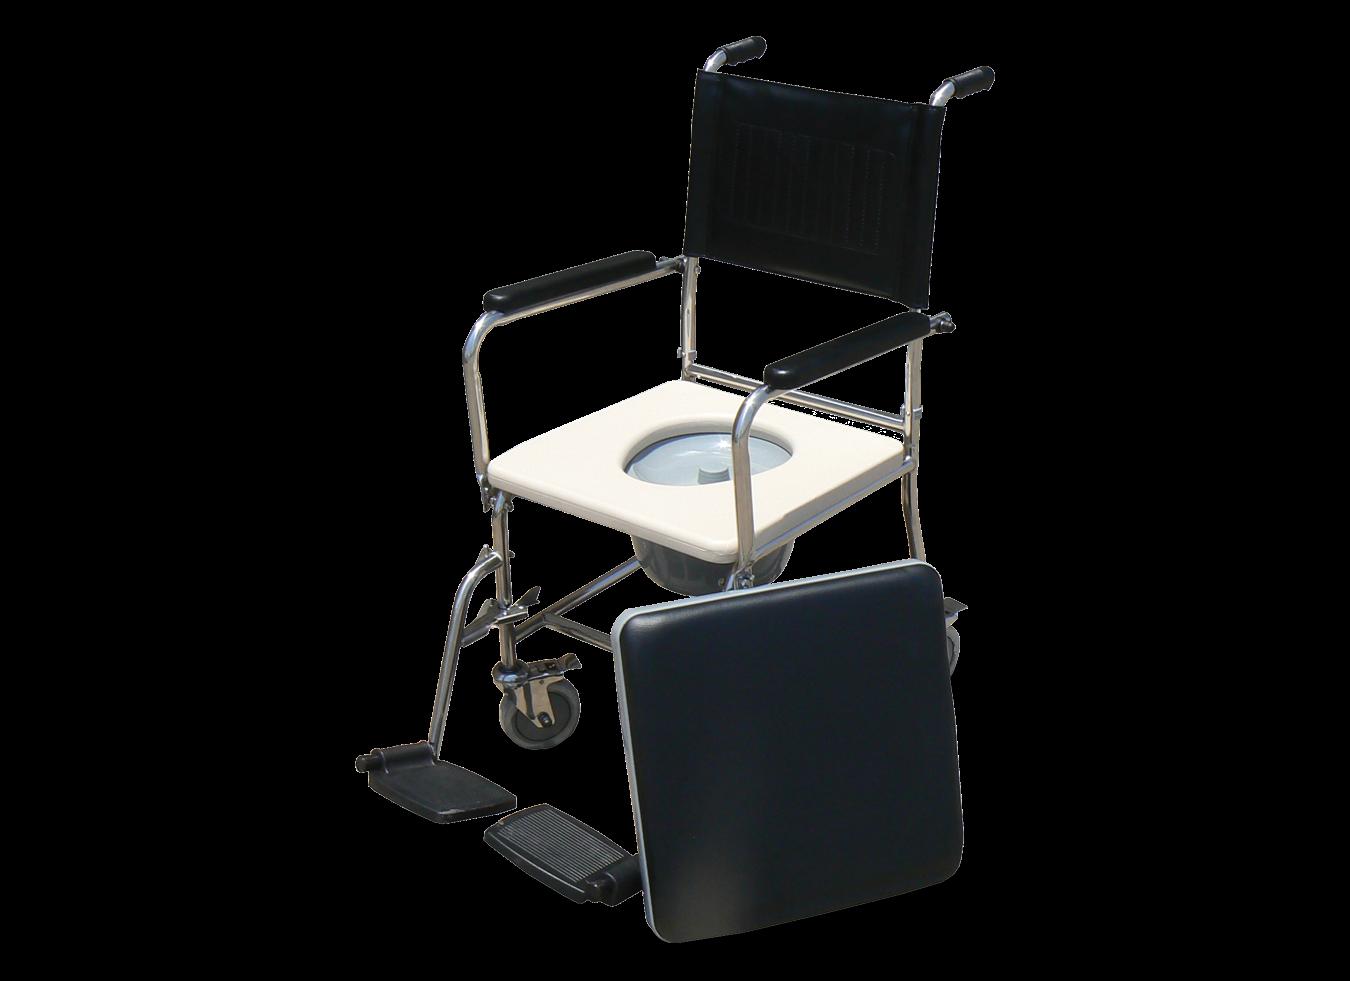 כסא שירותים פלדה כרום מושב קשיח